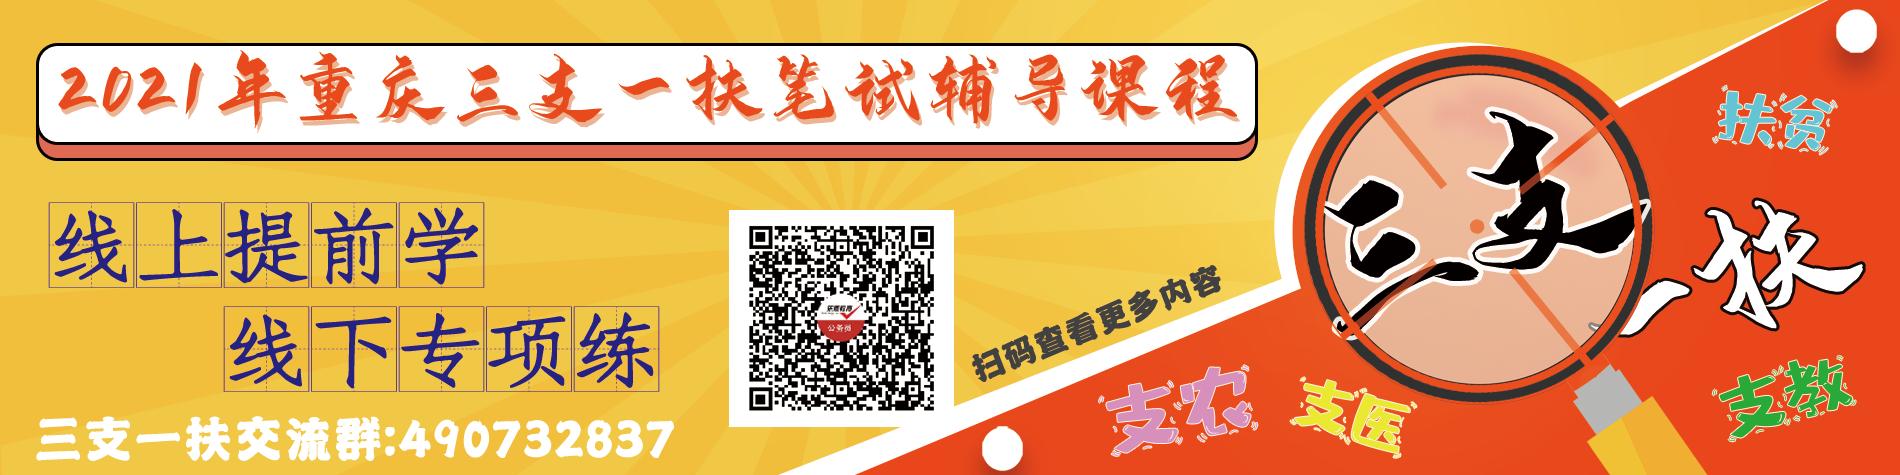 2021年重庆三支一扶笔试辅导课程